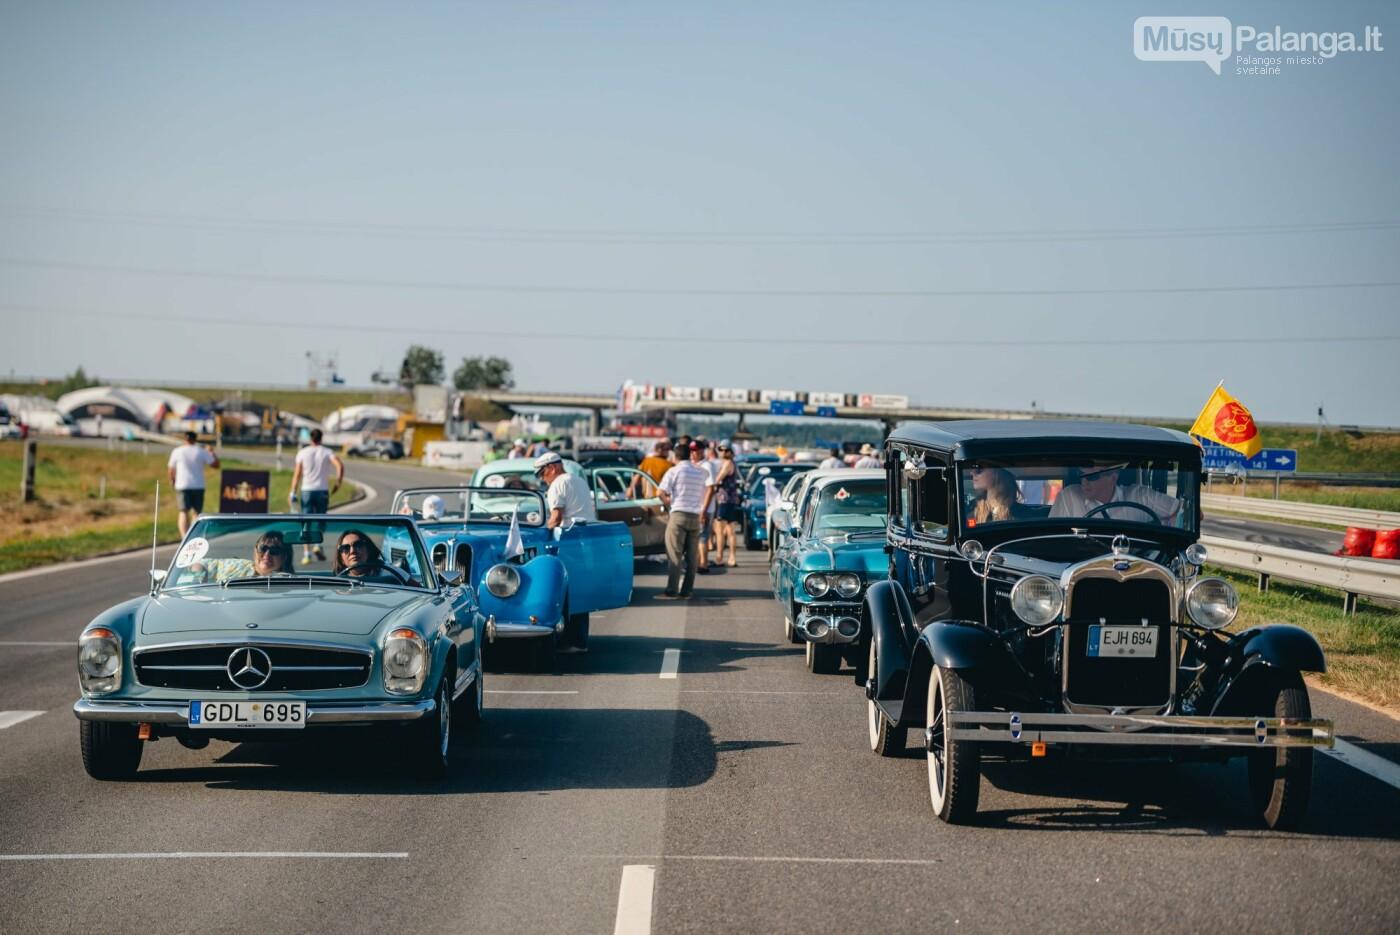 """2022-ųjų liepos vidury Palangą drebins 23-osios """"Aurum 1006 km lenktynės"""", nuotrauka-14, Vytauto PILKAUSKO nuotr."""